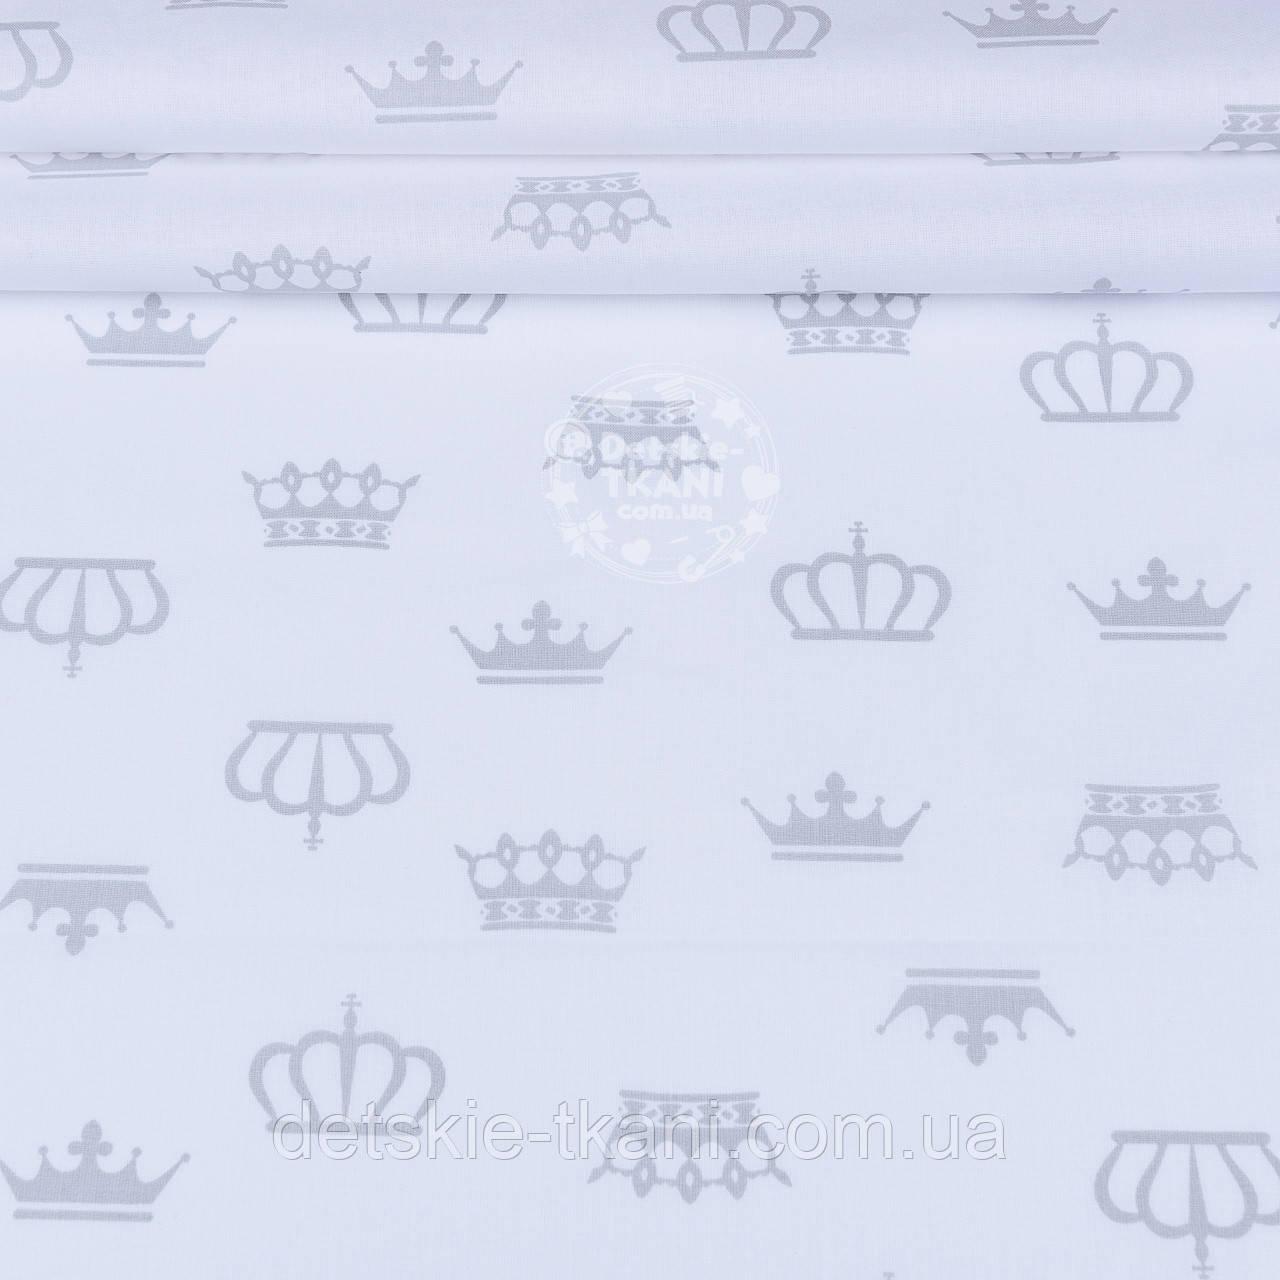 Ткань ранфорс шириной 220 см с серыми коронами на белом фоне (№1216)